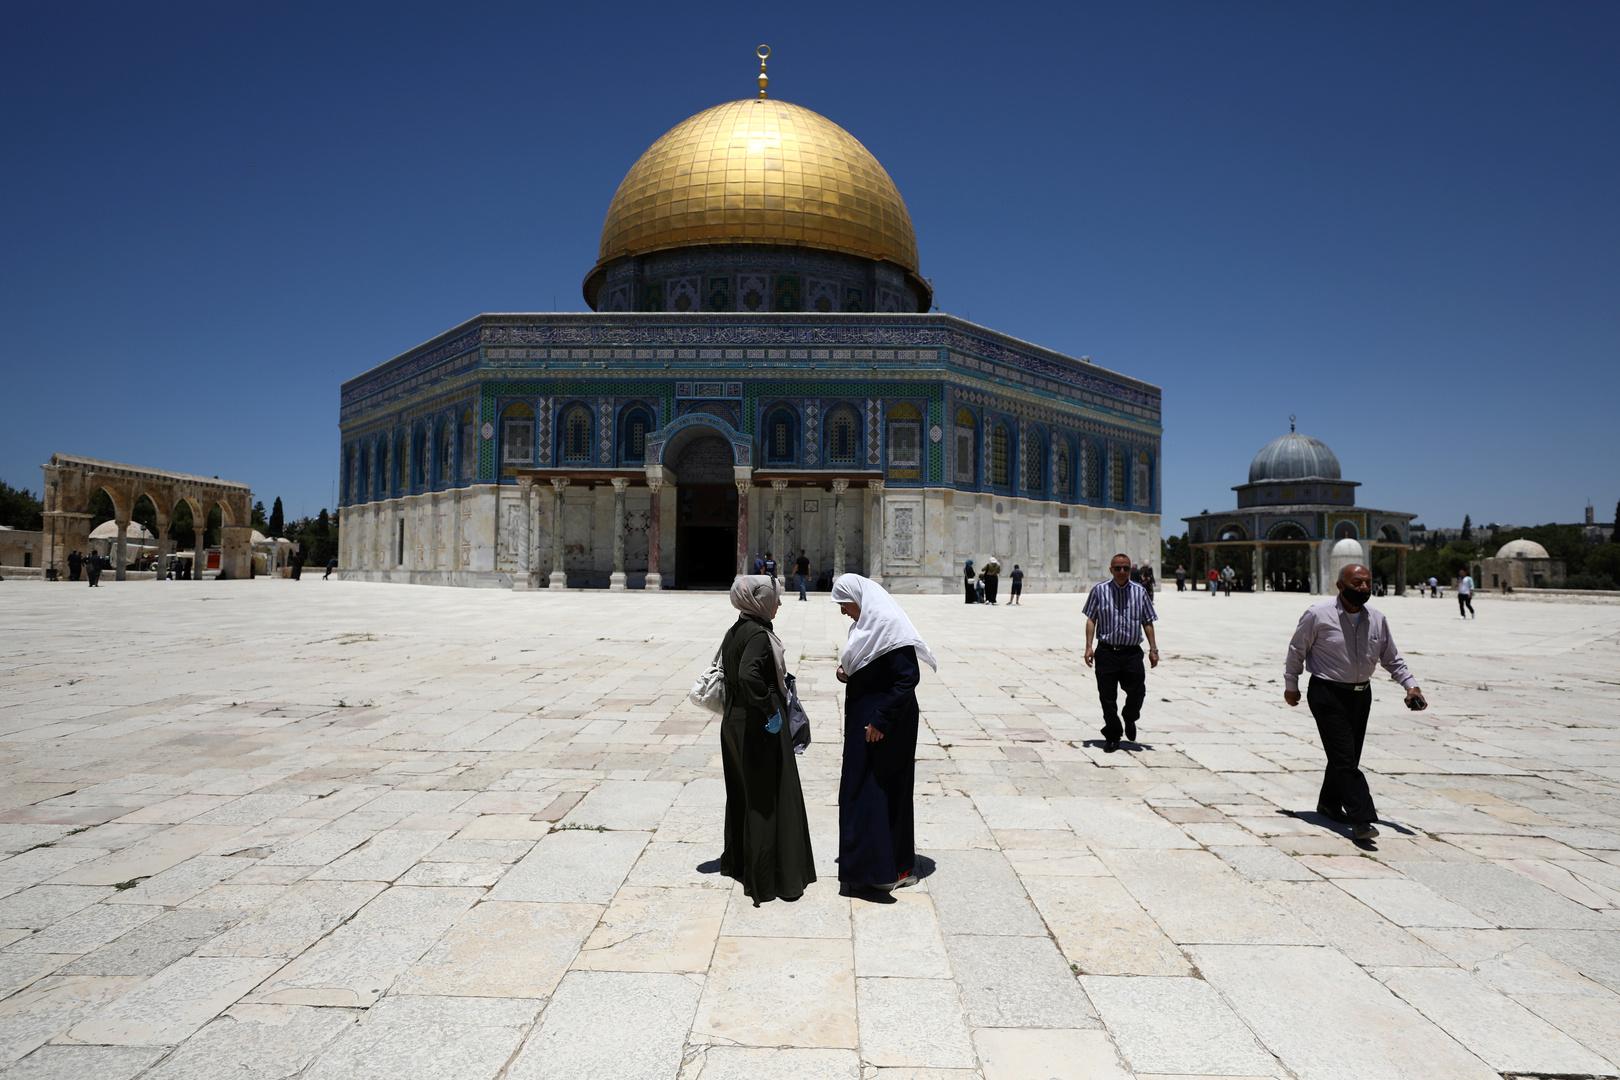 الأردن يوجه مذكرة احتجاج رسمية على تصرفات الشرطة الإسرائيلية في الأقصى